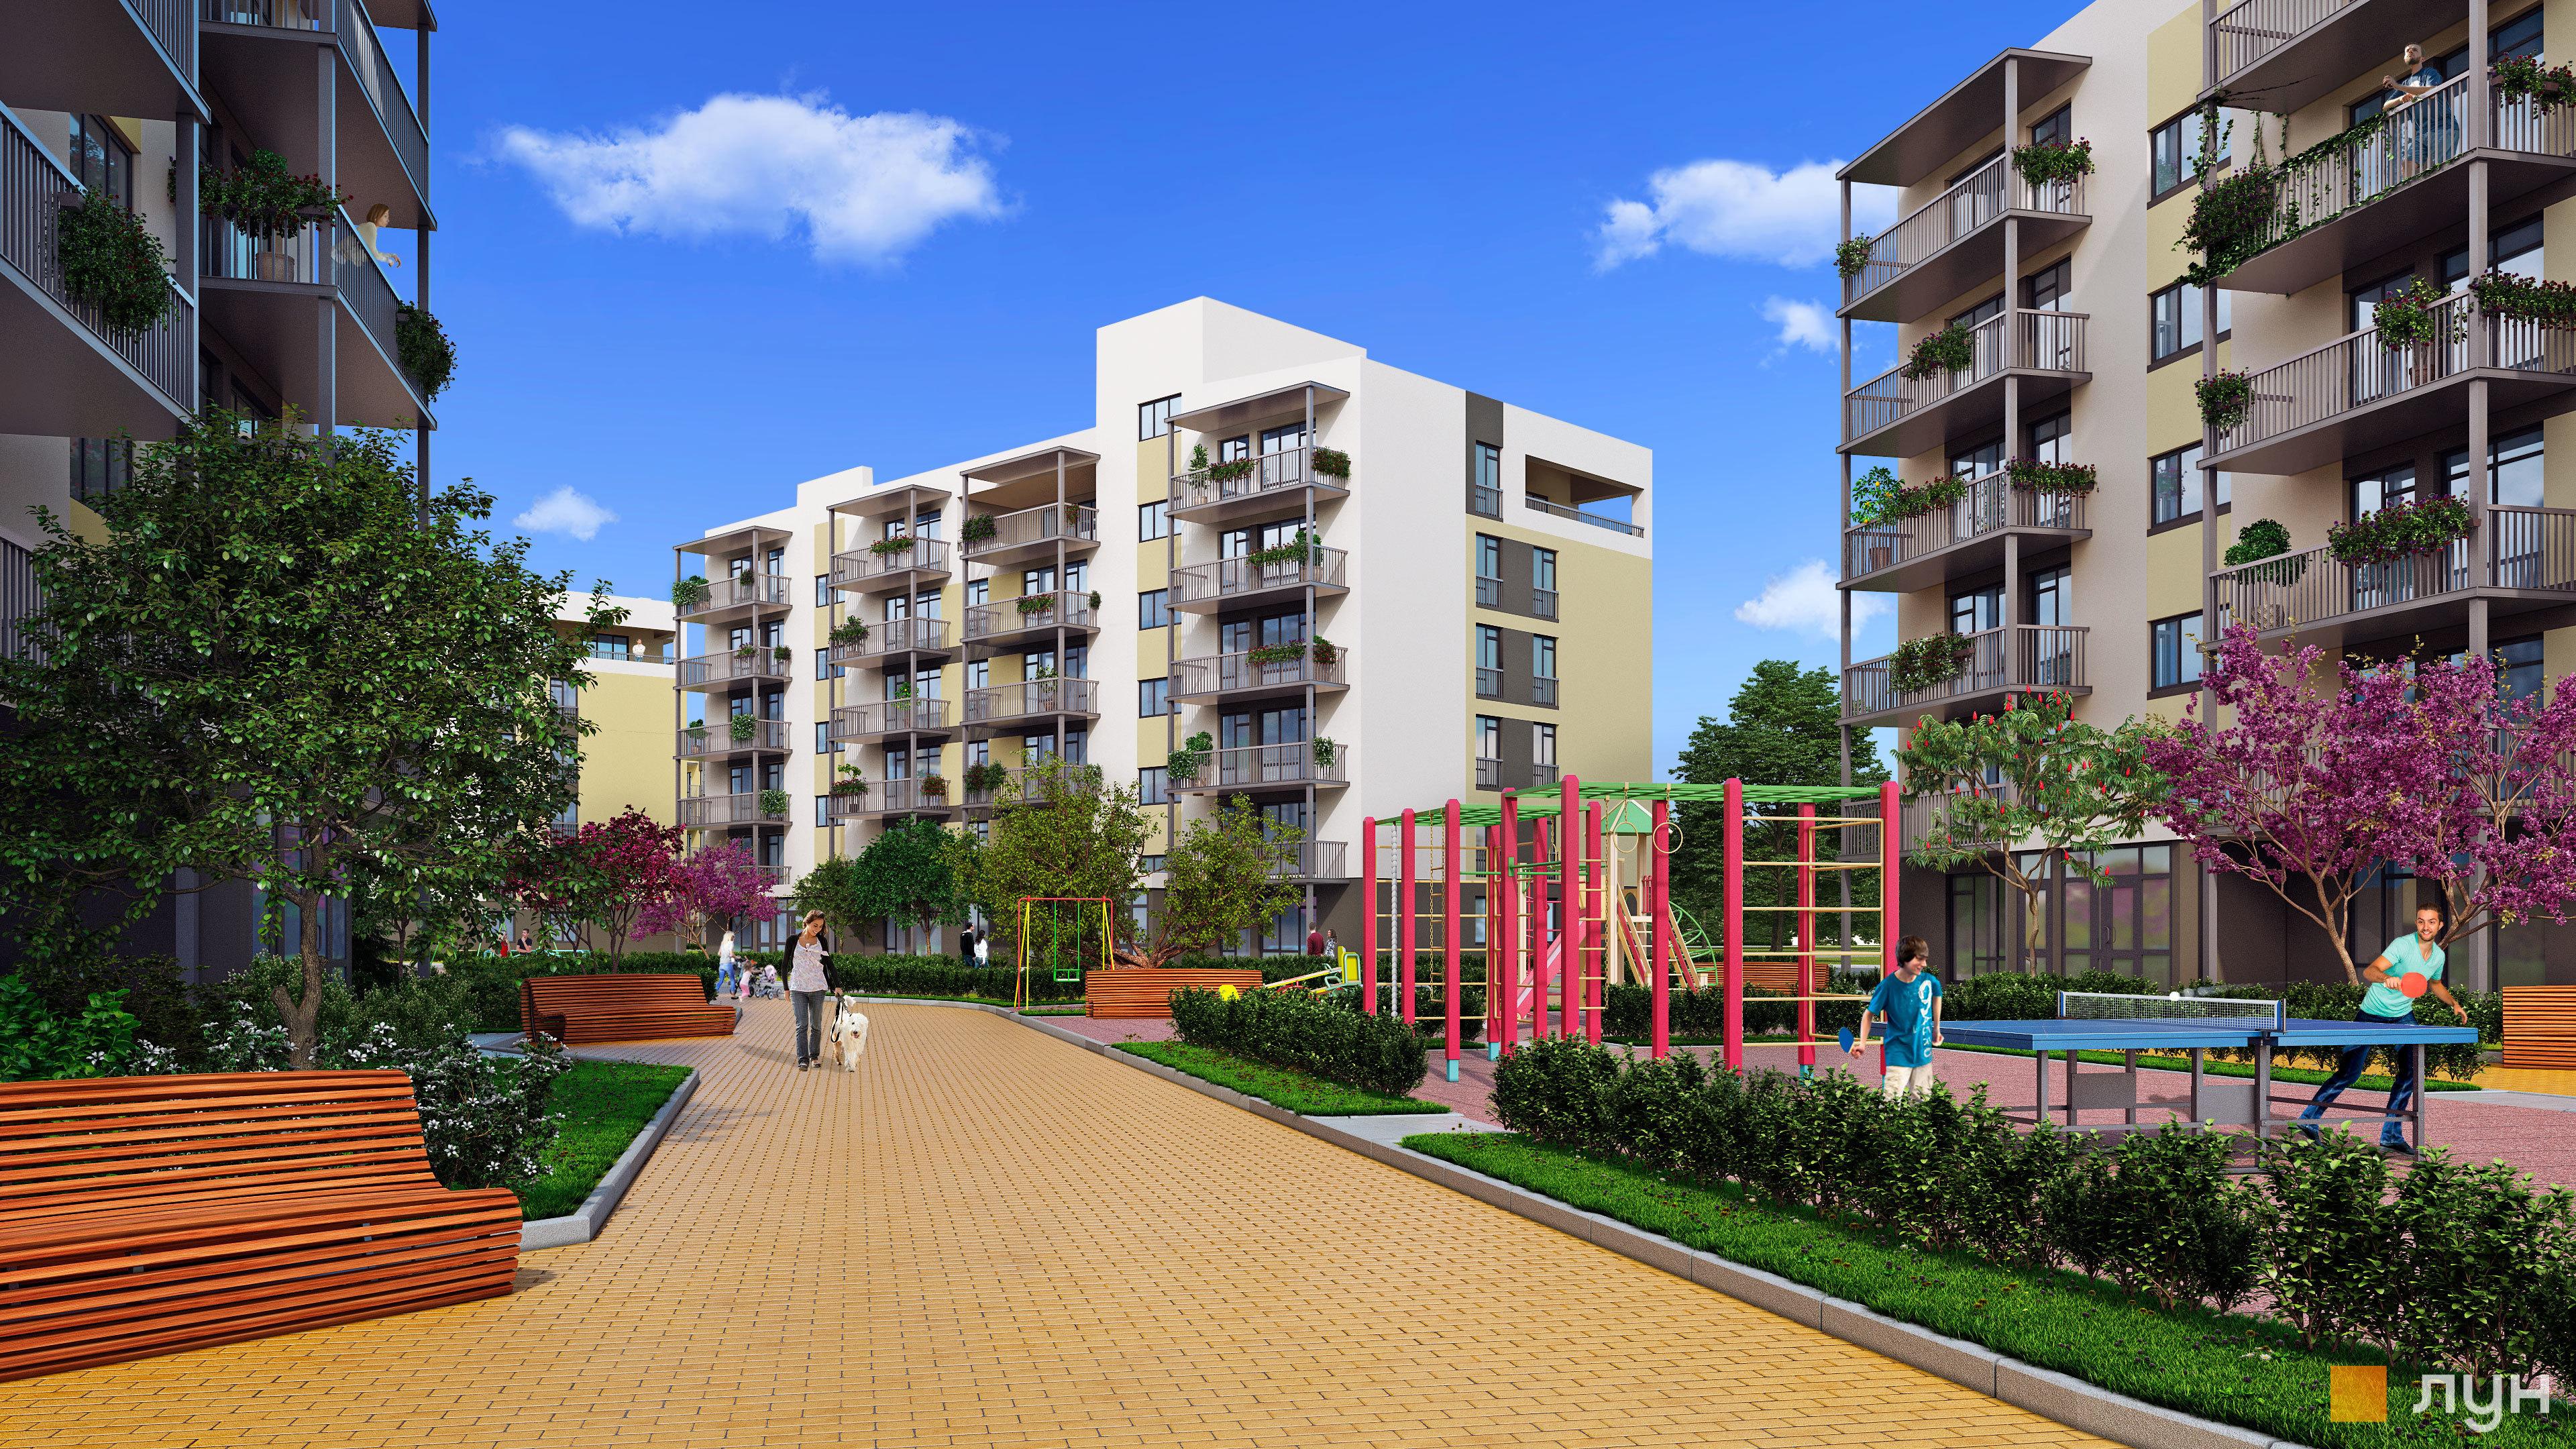 Столица груп строительная компания акционерная строительная компания недвижимость